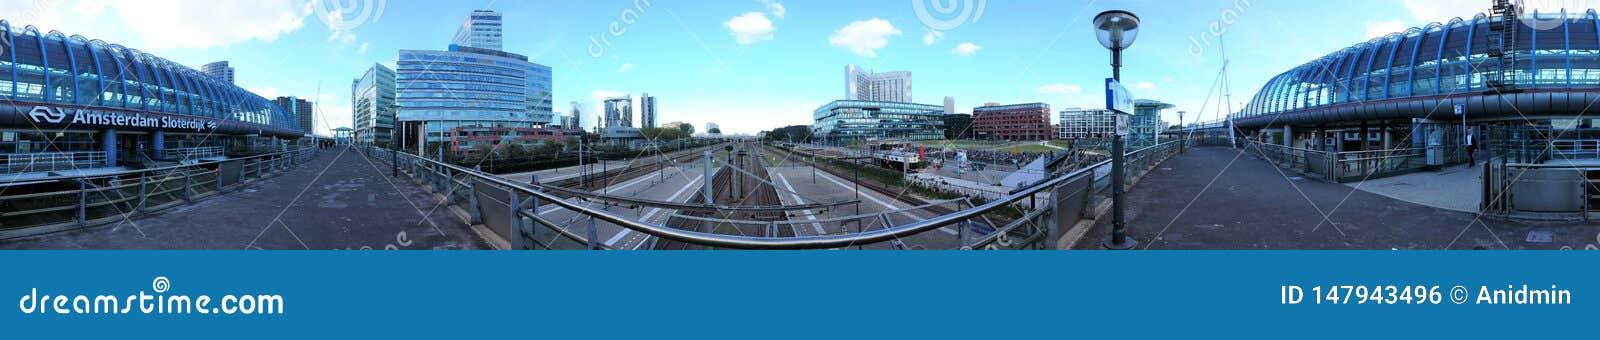 Amsterdam, die Niederlande - 15 Juni 2015: Der Bahnhof Amsterdam Sloterdijk